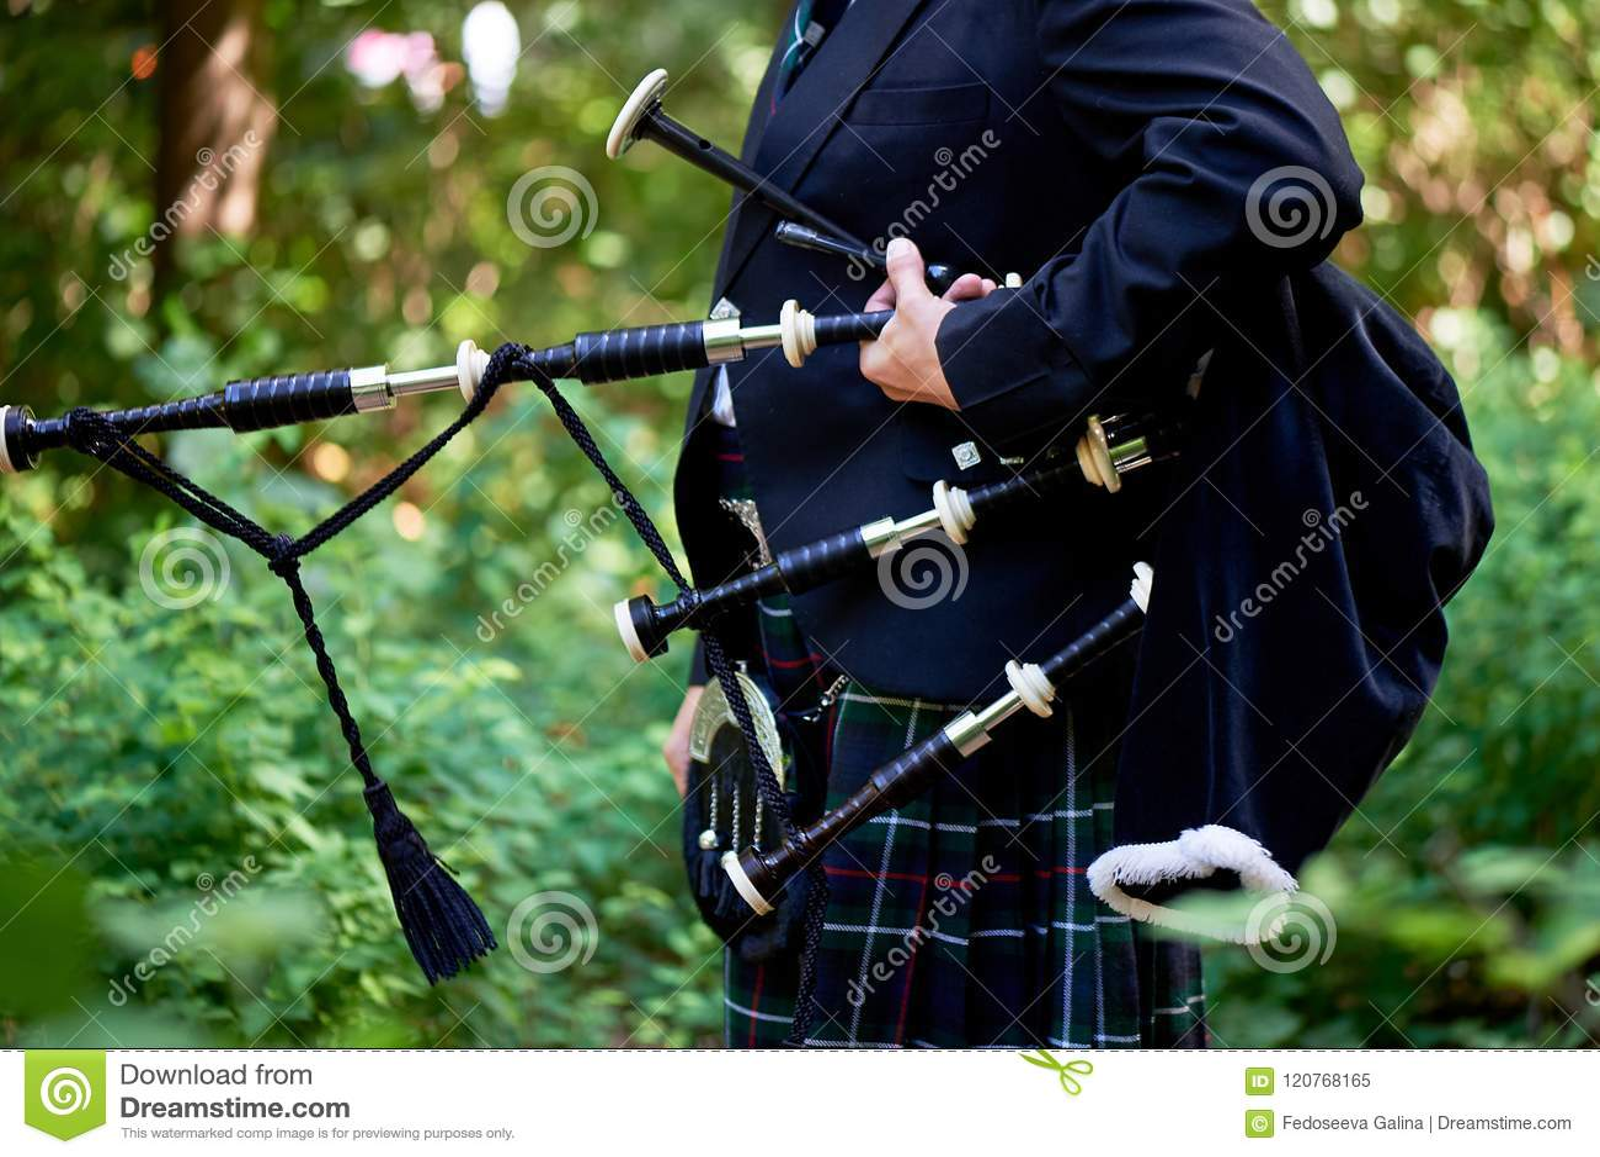 Um homem com uma gaita de fole, um kilt em uma gaiola com uma listra verde e vermelha cultura Os detalhes da saia do kilt e